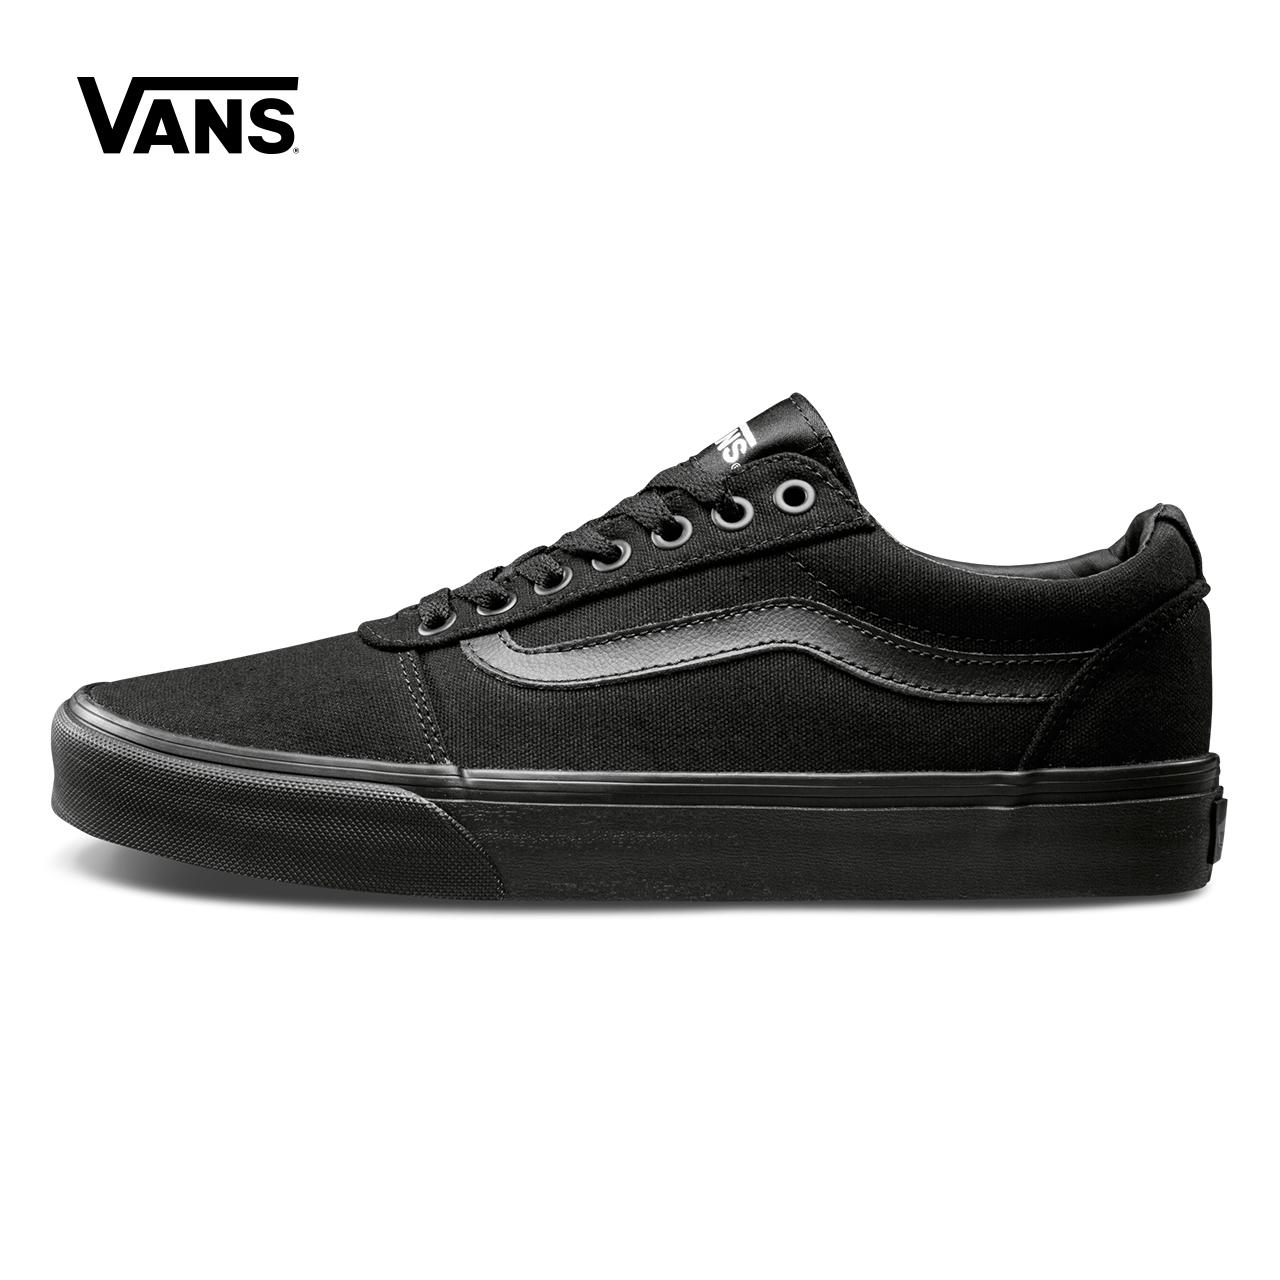 Vans/范斯黑色男款运动鞋板鞋帆布鞋|VN0A38DM186/8J7